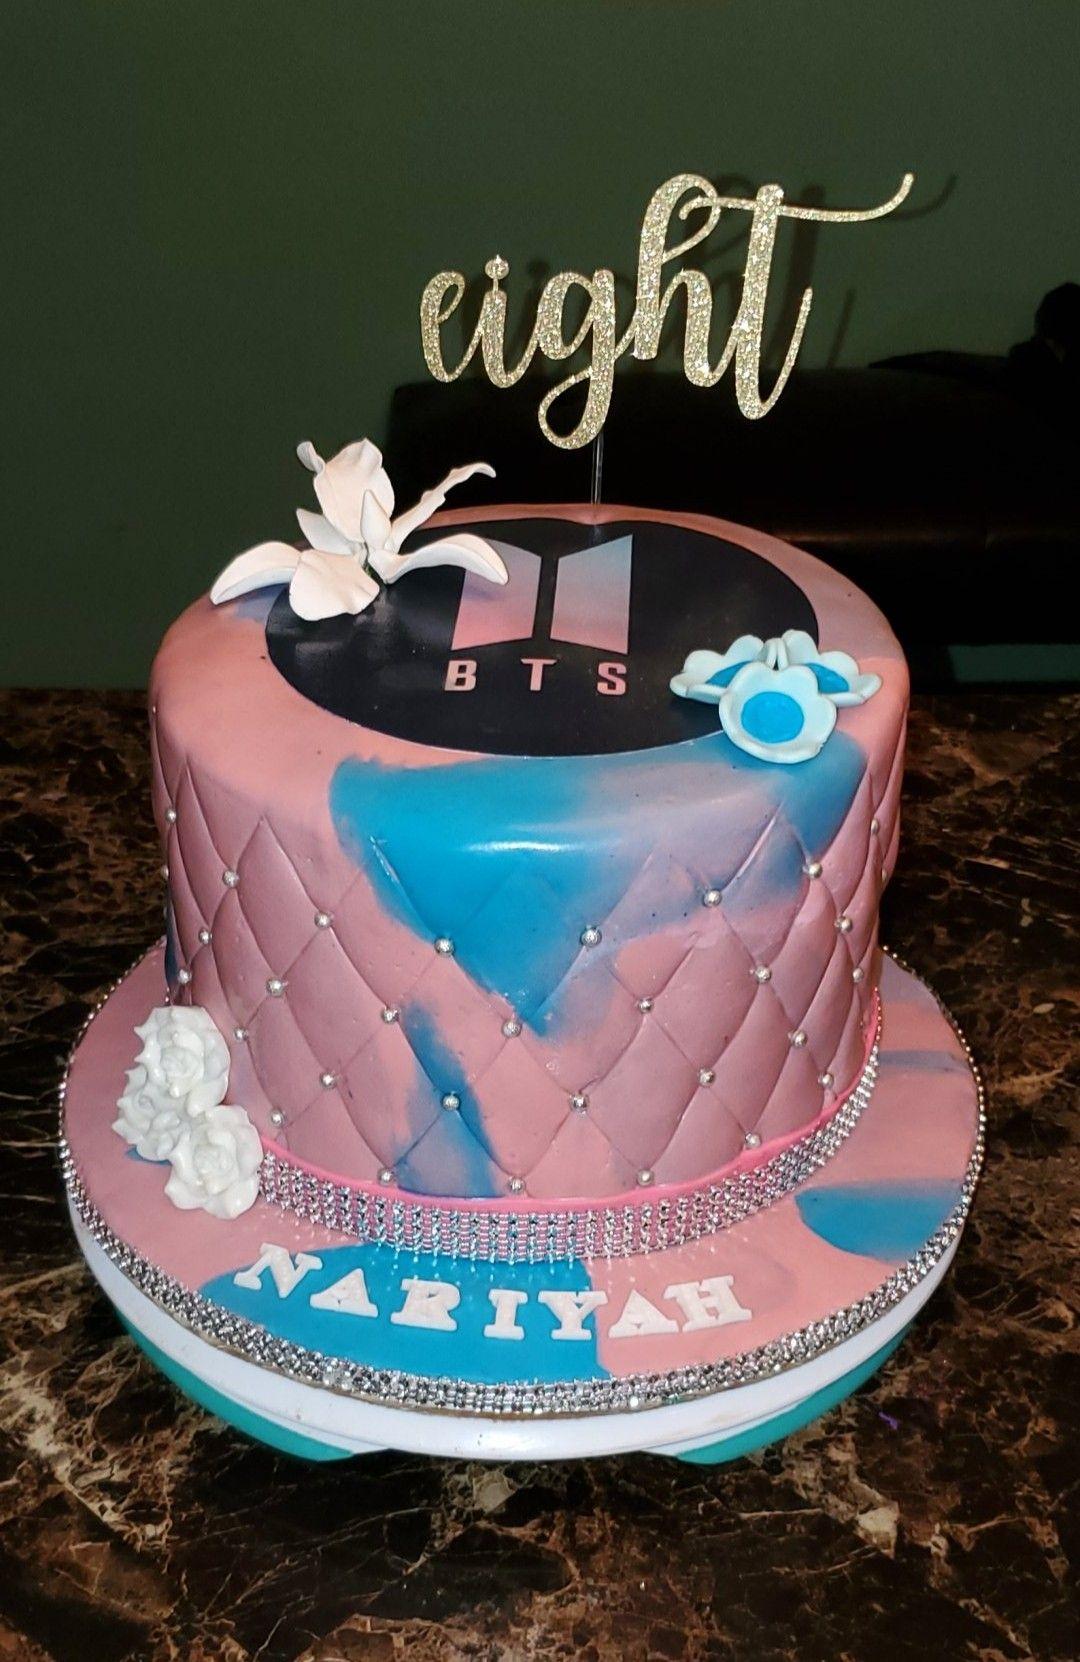 Bts Cake Bts Cake Army Birthday Cakes Cake